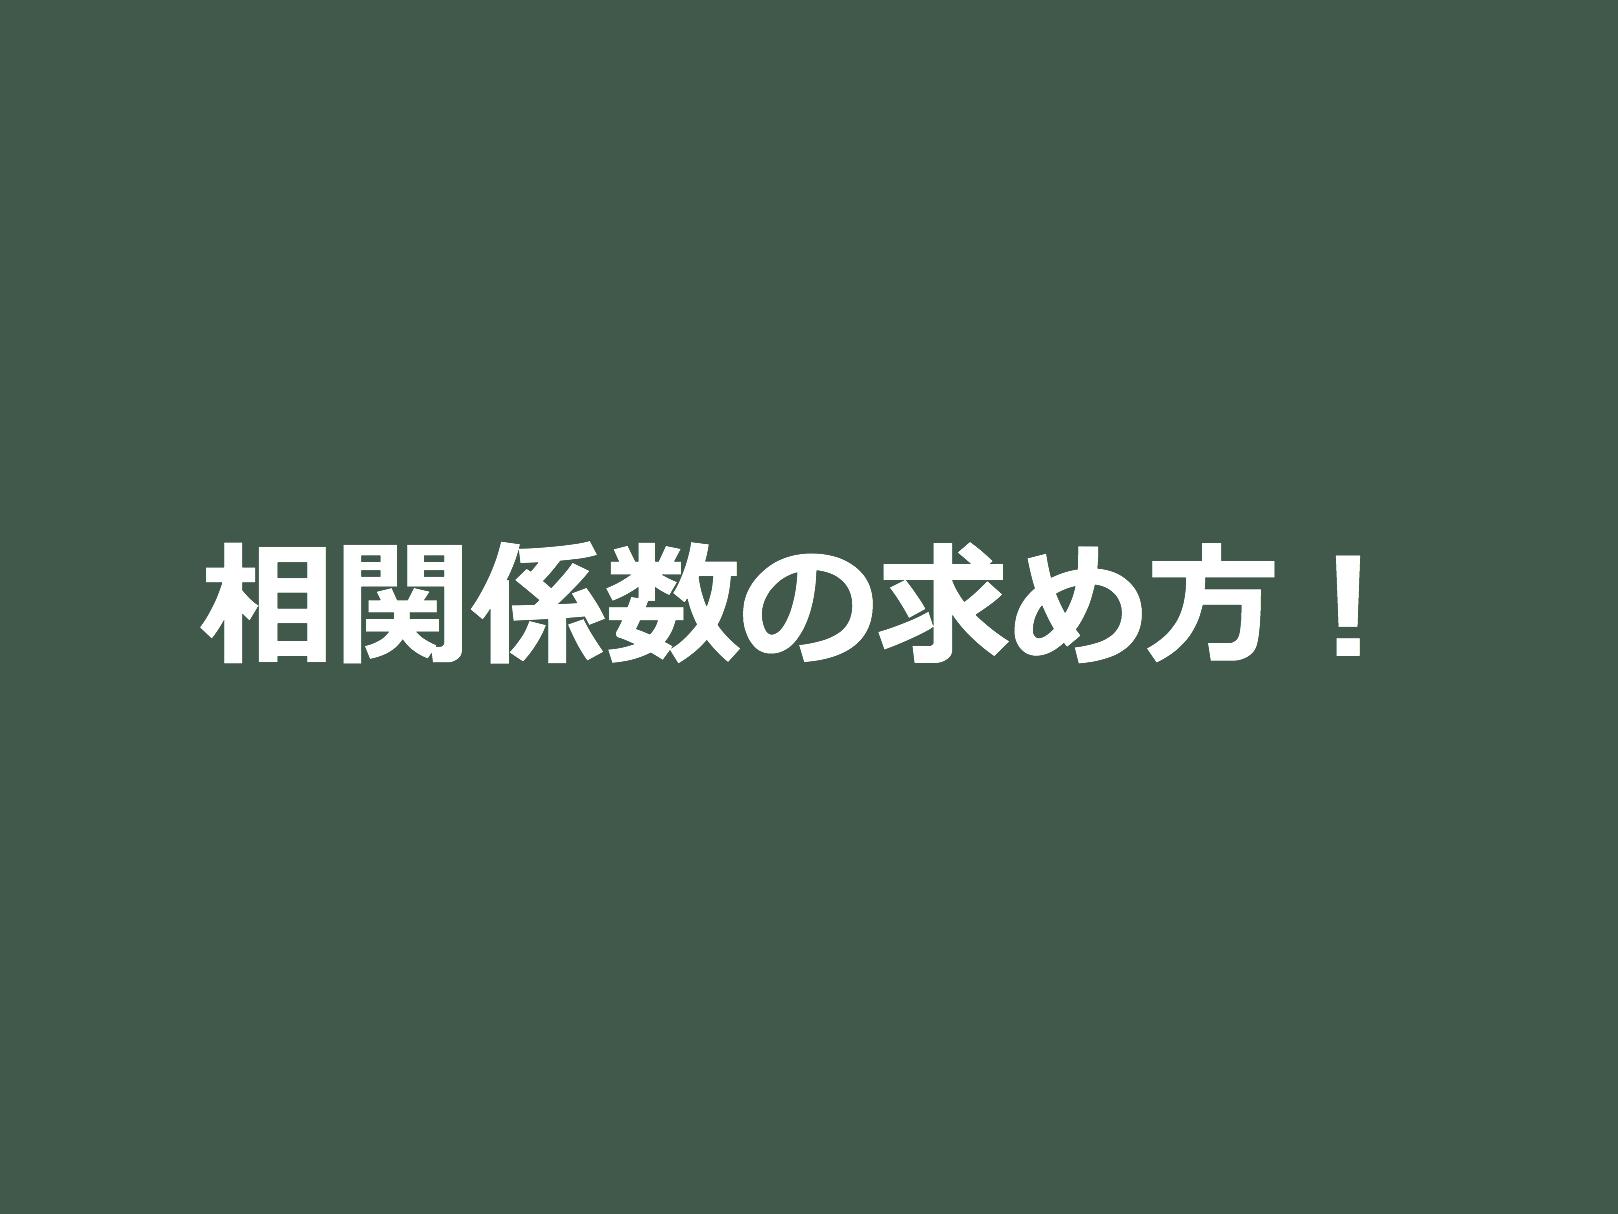 スクリーンショット 2017-11-15 15.46.41